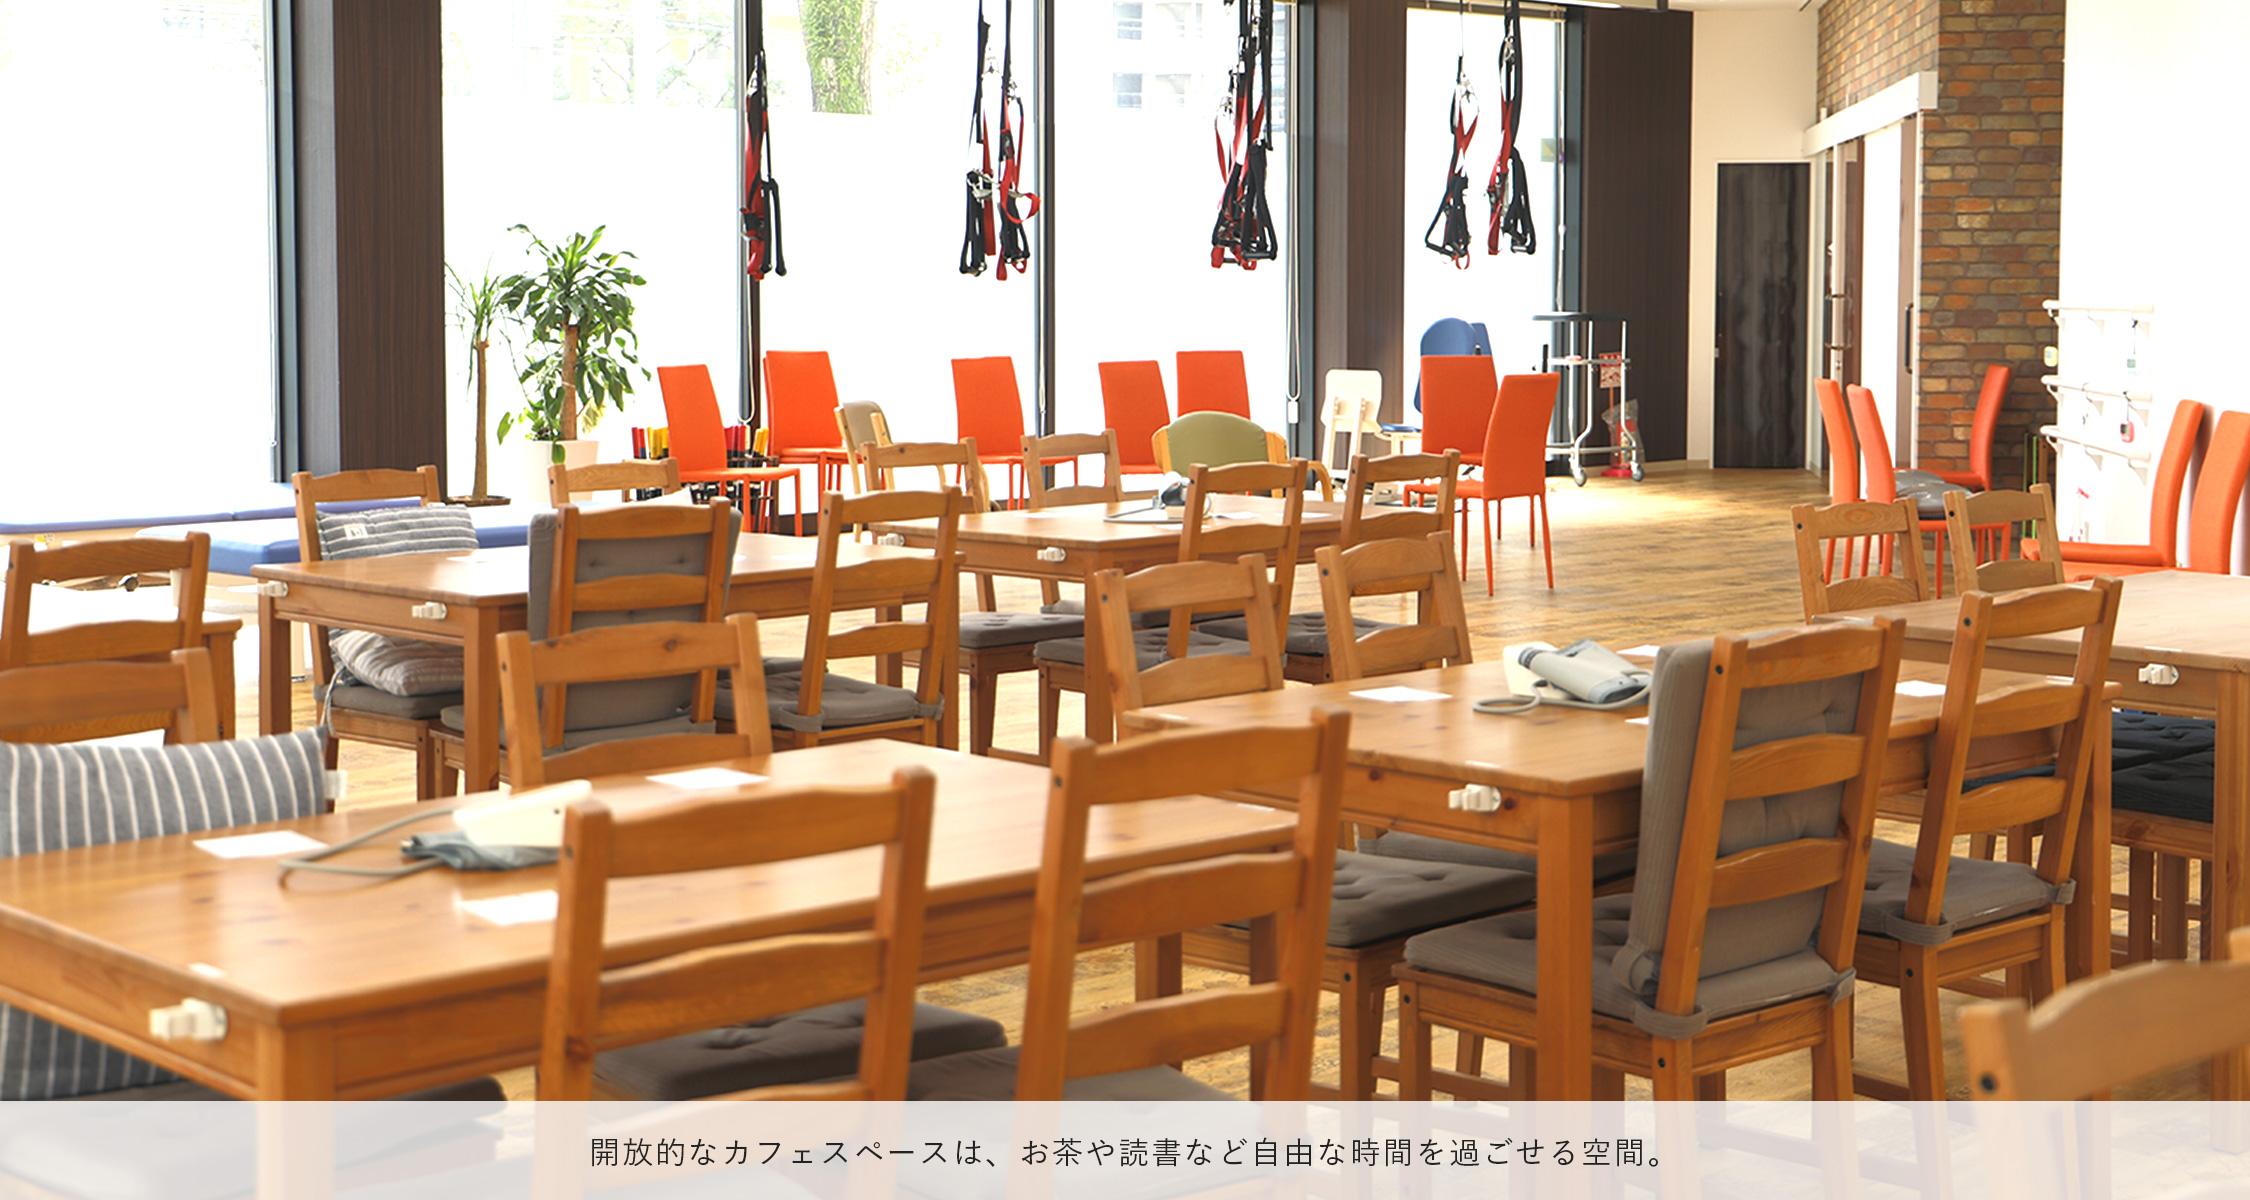 開放的なカフェスペースは、お茶や読書など自由な時間を過ごせる空間。